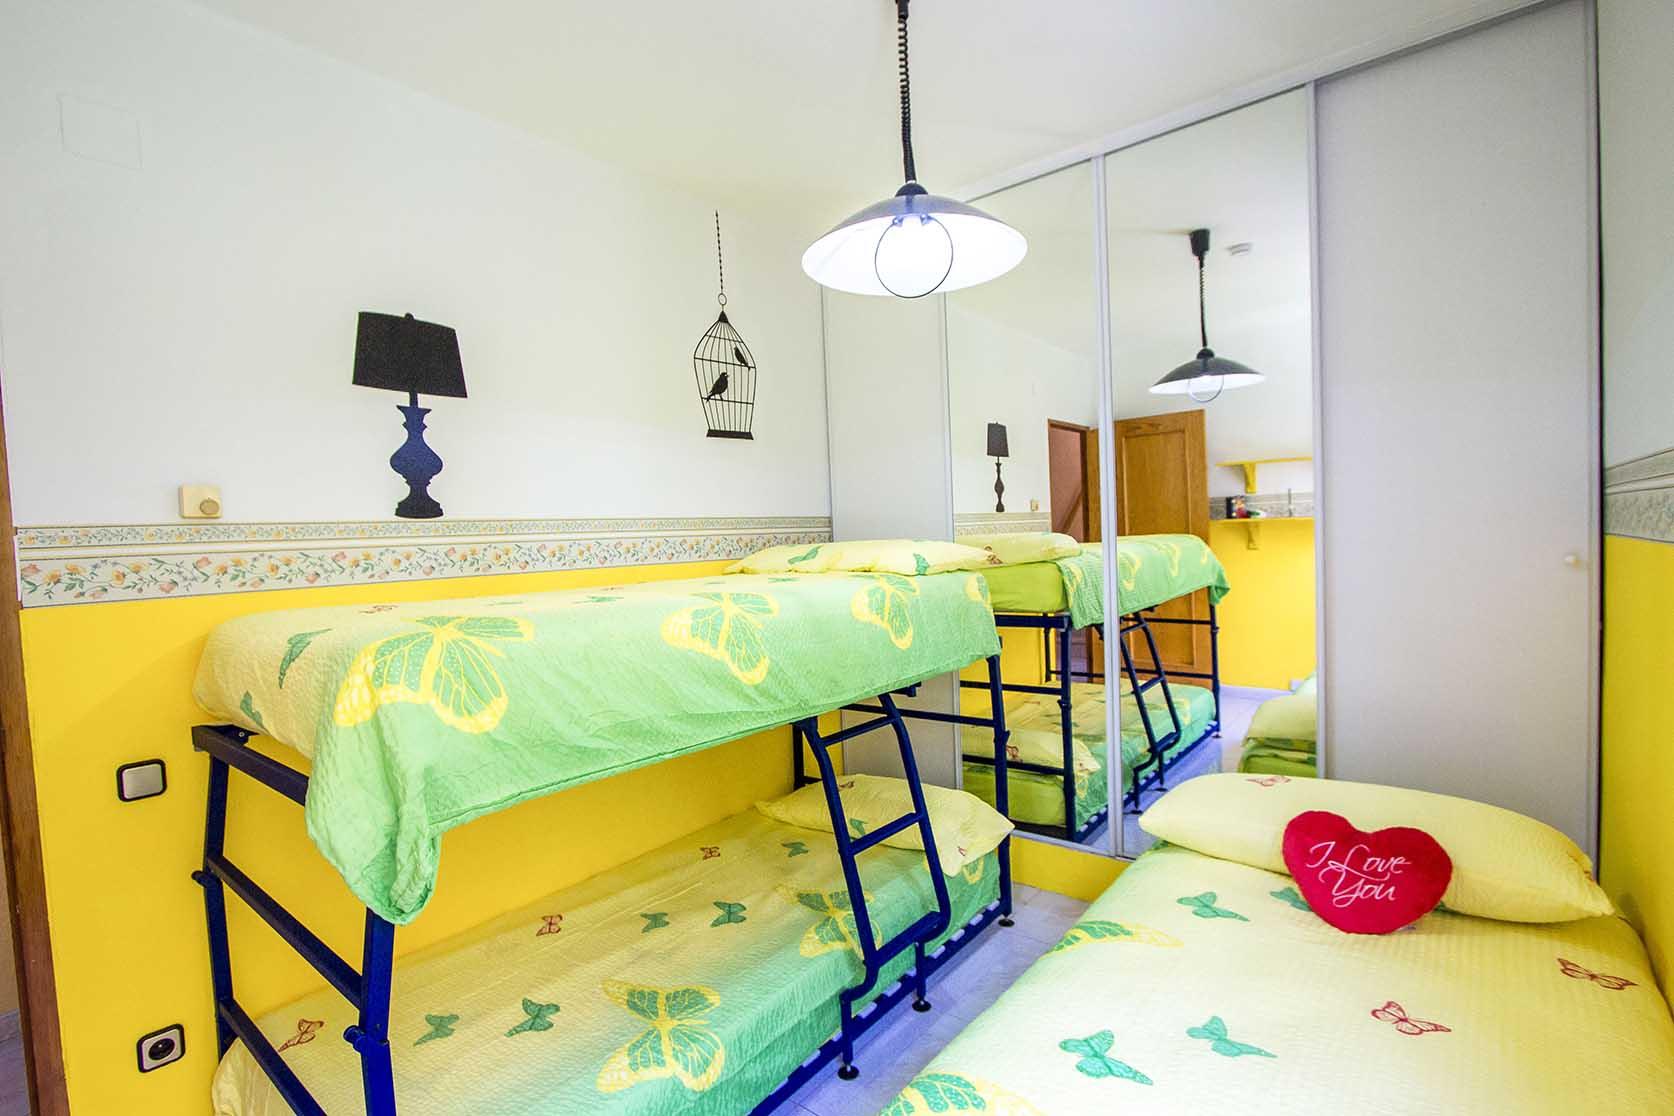 Ferienhaus Catalunya Casas: Lovely villa in Castellet, only 10 min to Costa Dorada beaches! (1890850), Castellet i la Gornal, Costa del Garraf, Katalonien, Spanien, Bild 25